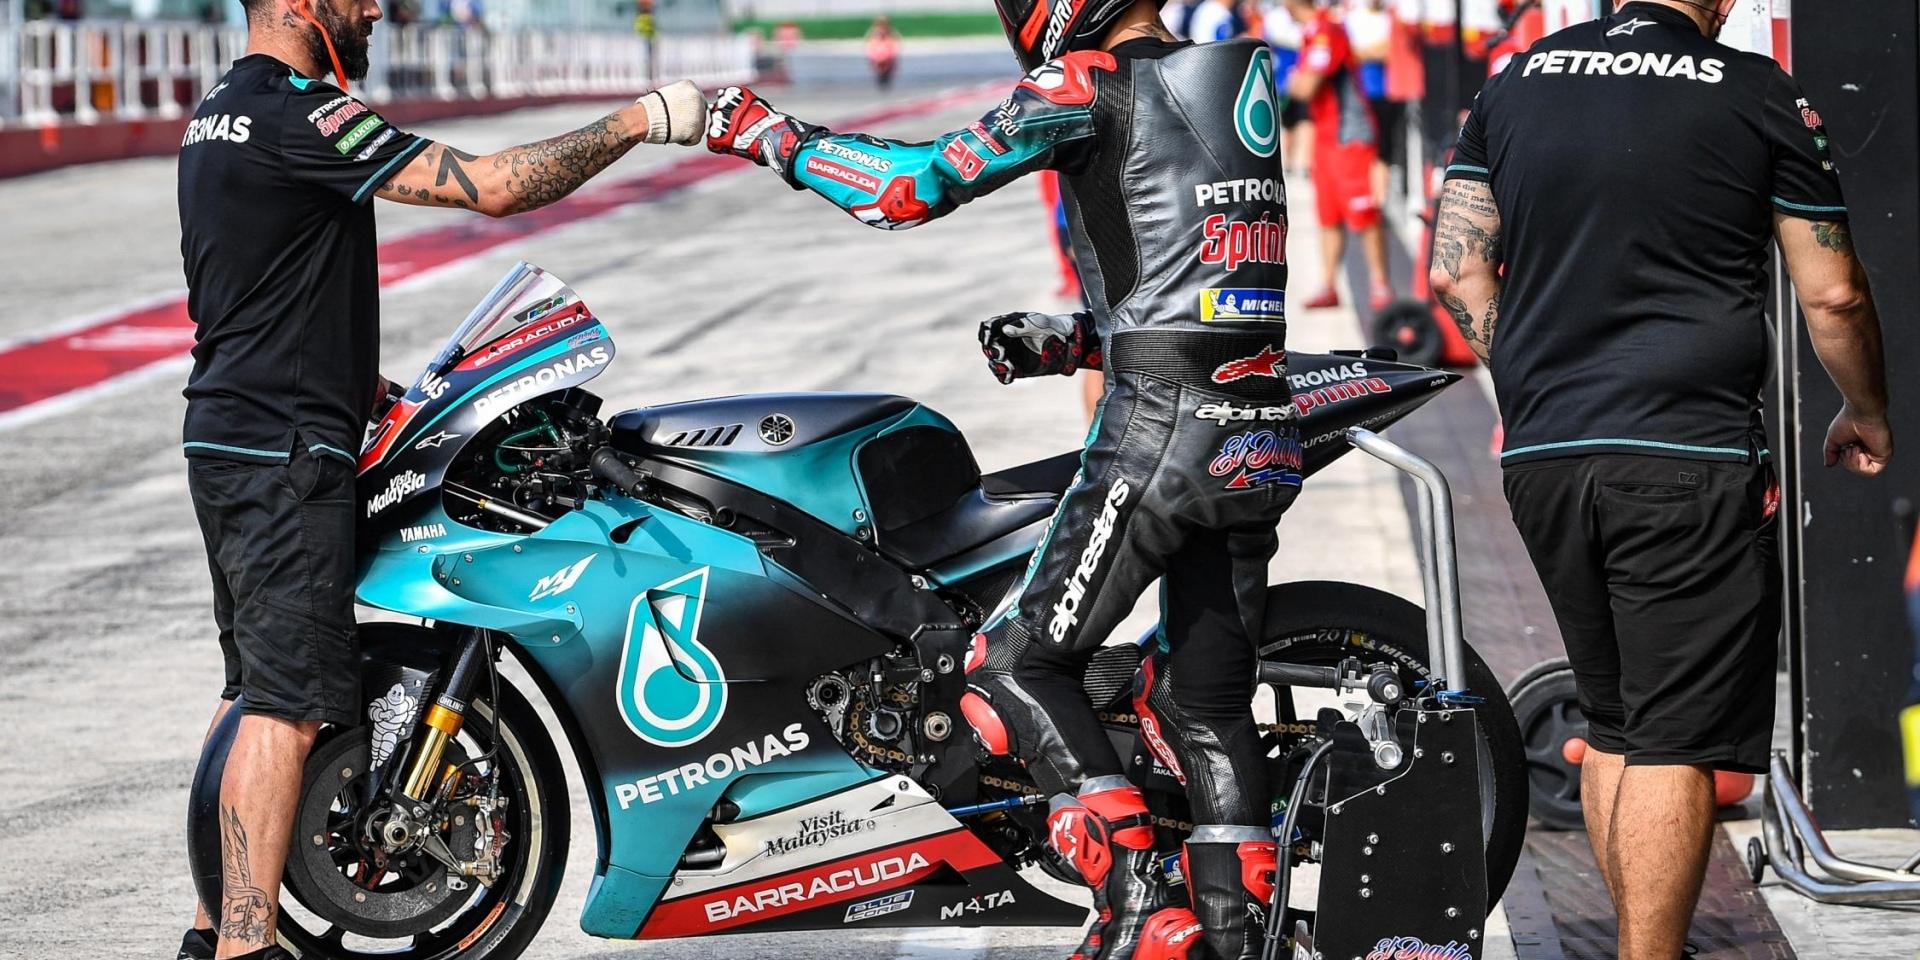 低配版本更會跑?Valentino Rossi:Fabio的賽車轉速甚至比我們的還要低500轉!